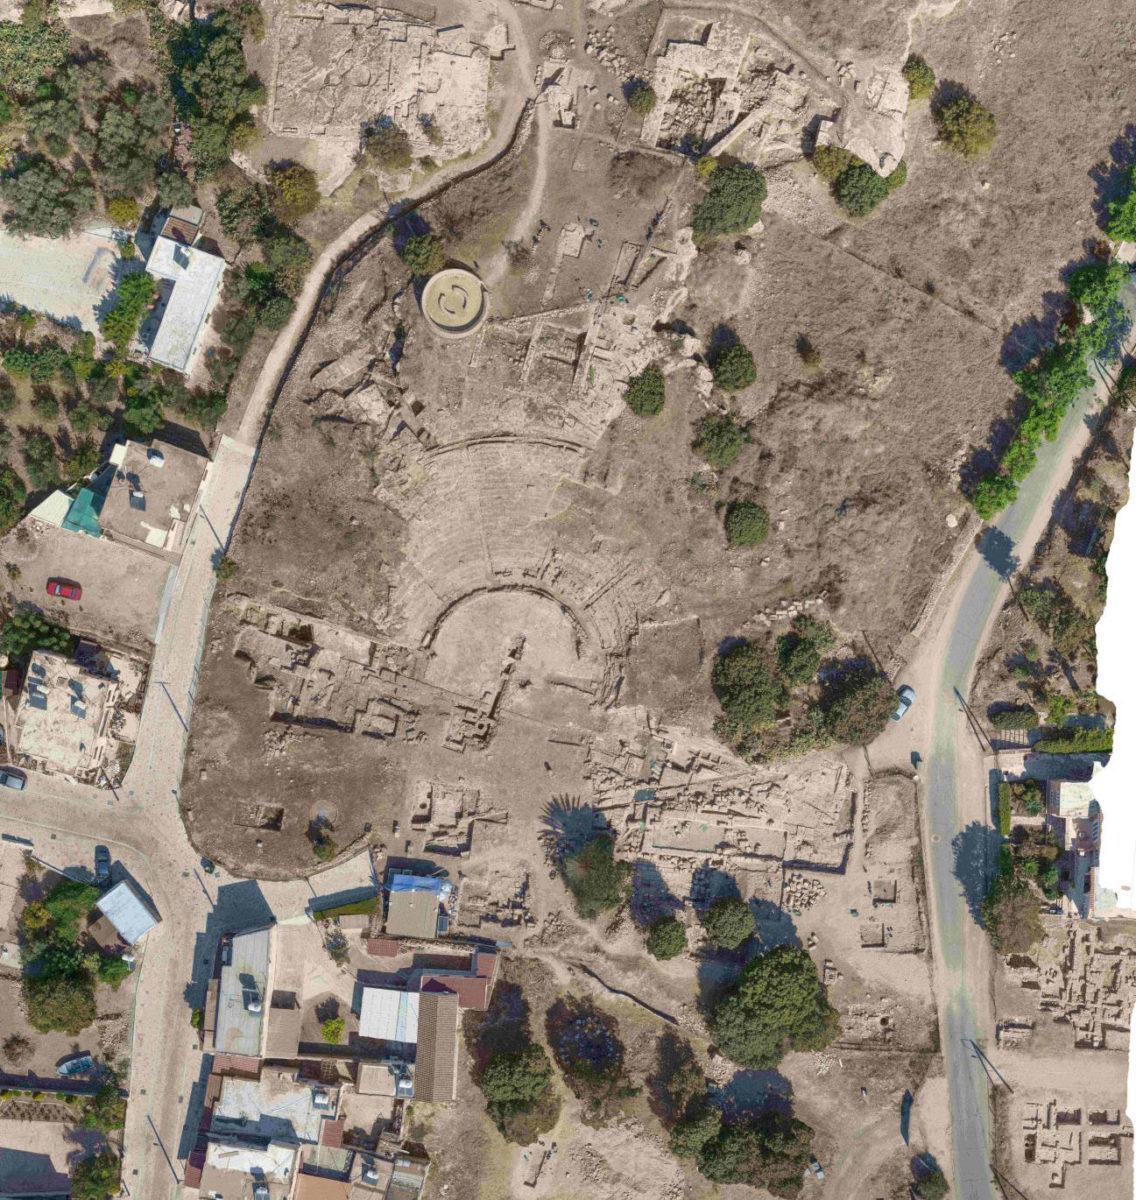 Αεροφωτογραφία του αρχαιολογικού χώρου του θεάτρου της Πάφου (φωτ.: Τμήμα Αρχαιοτήτων Κύπρου).